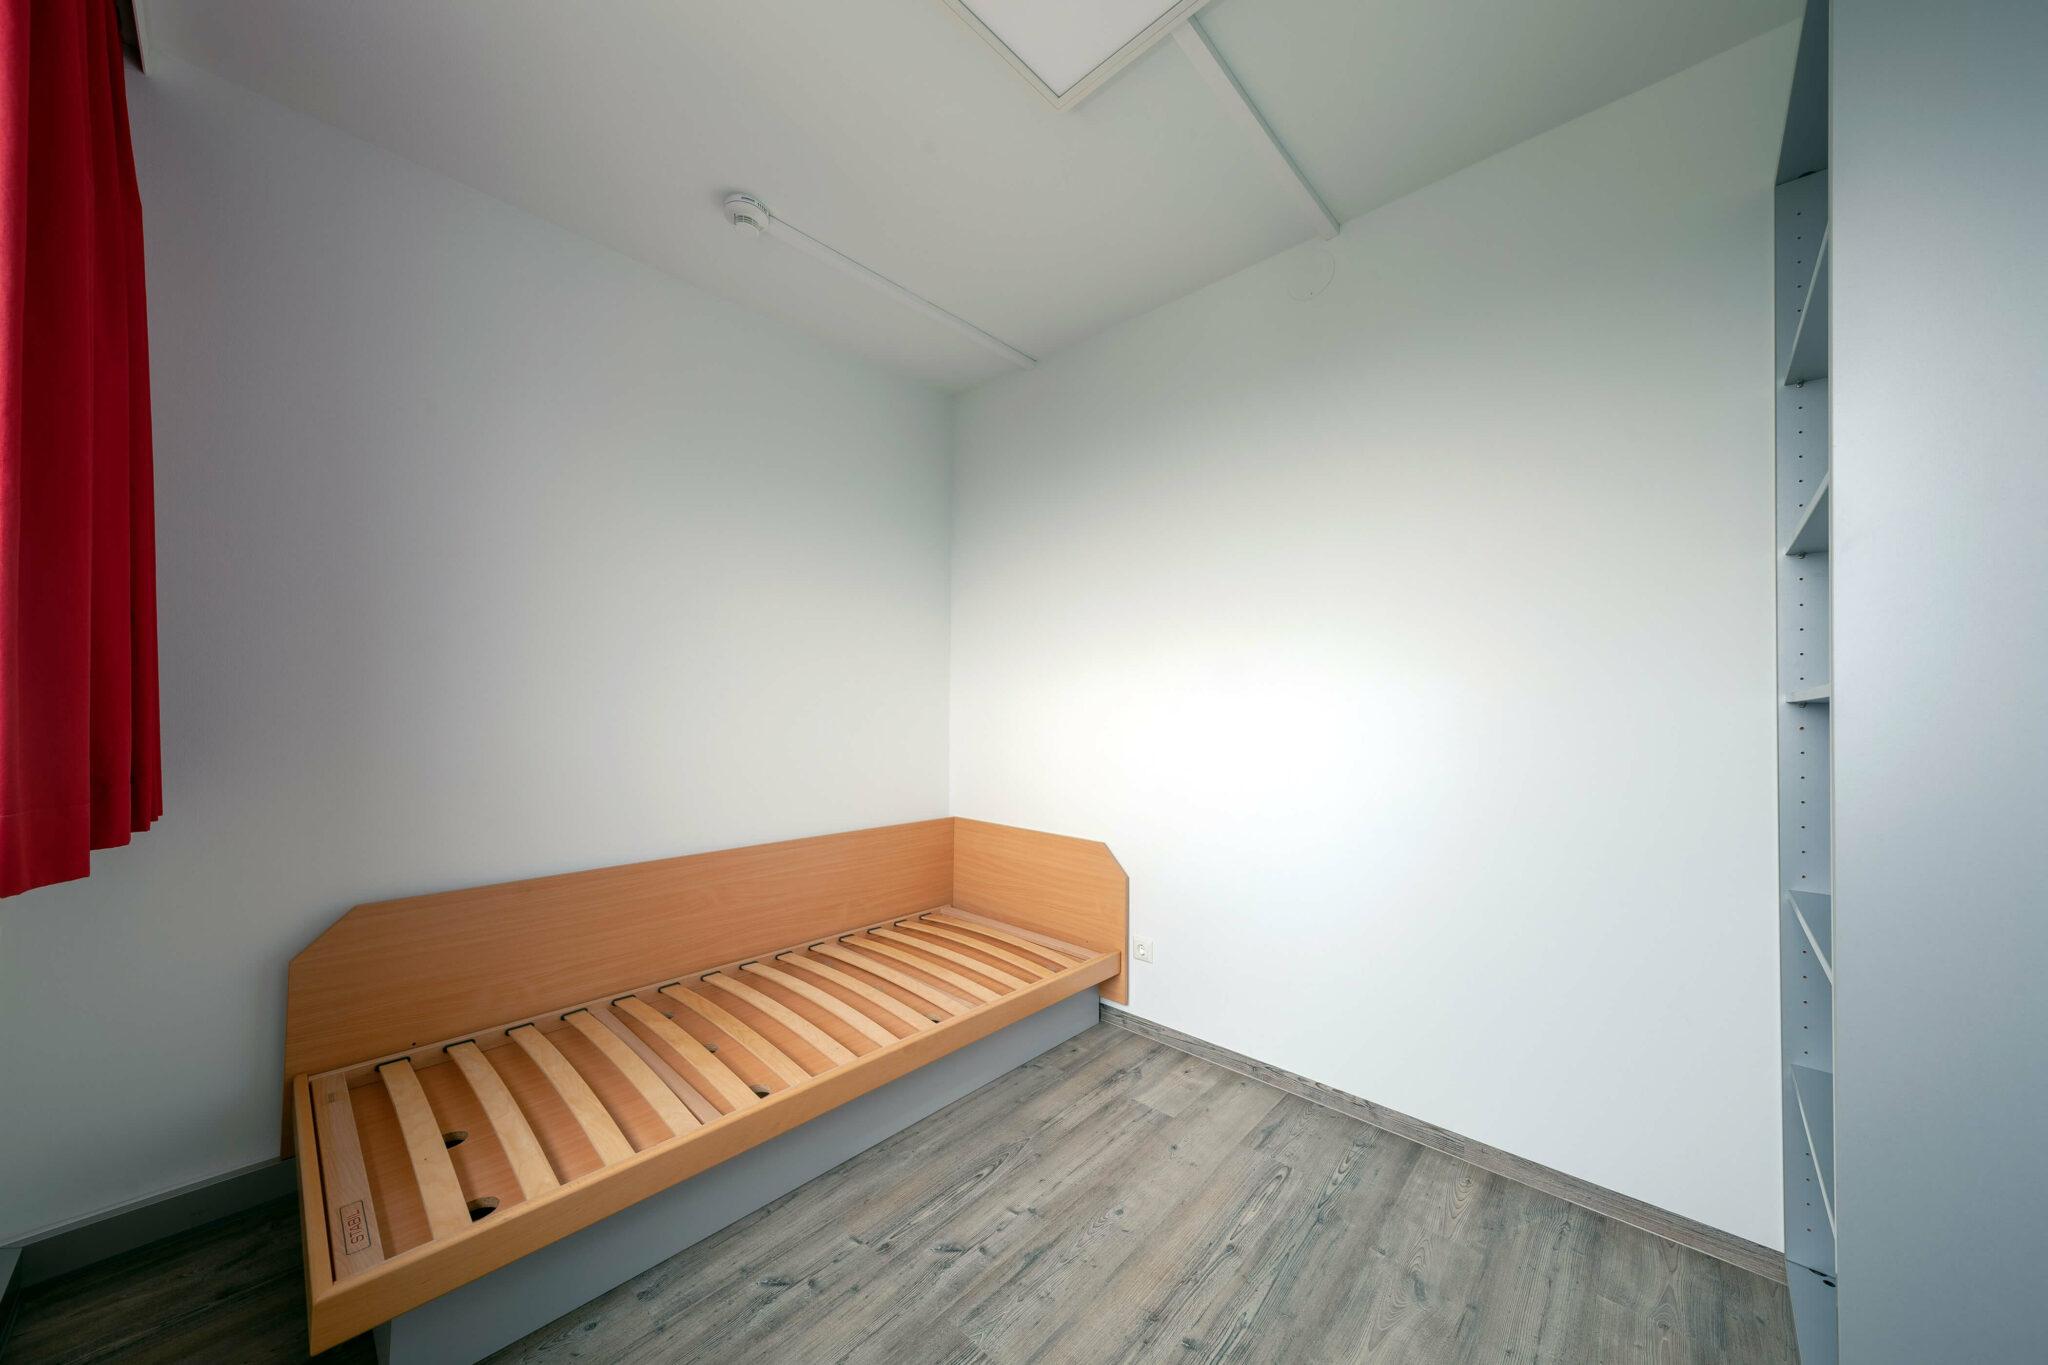 WIST_Wohnen_fuer_Studierende_2021_Barbara_Platz_fue_mich_Schlafzimmer-2